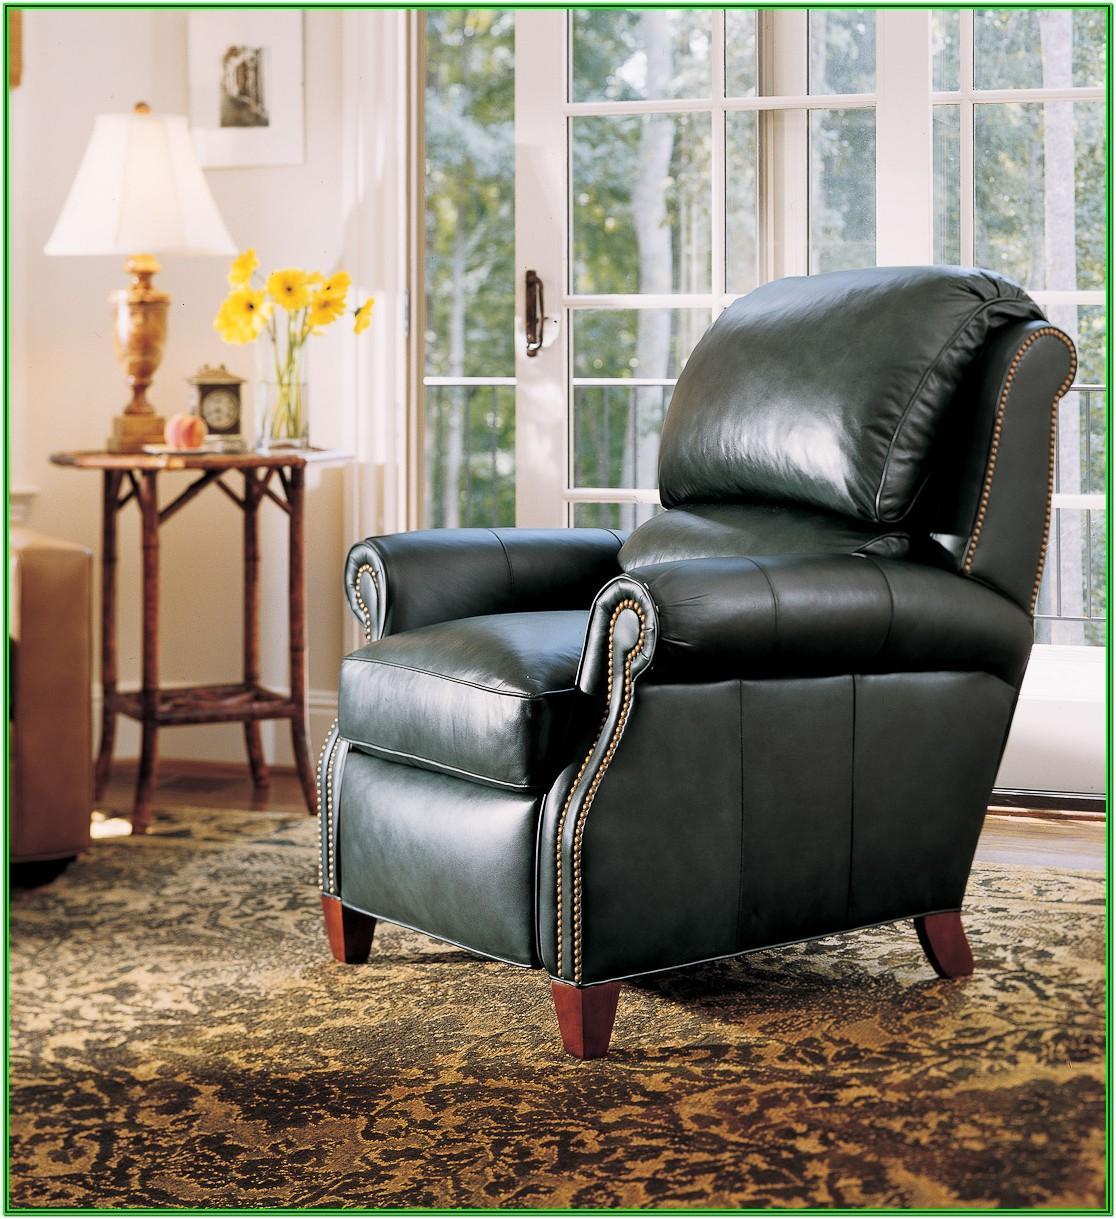 Distressed Living Room Furniture Sets